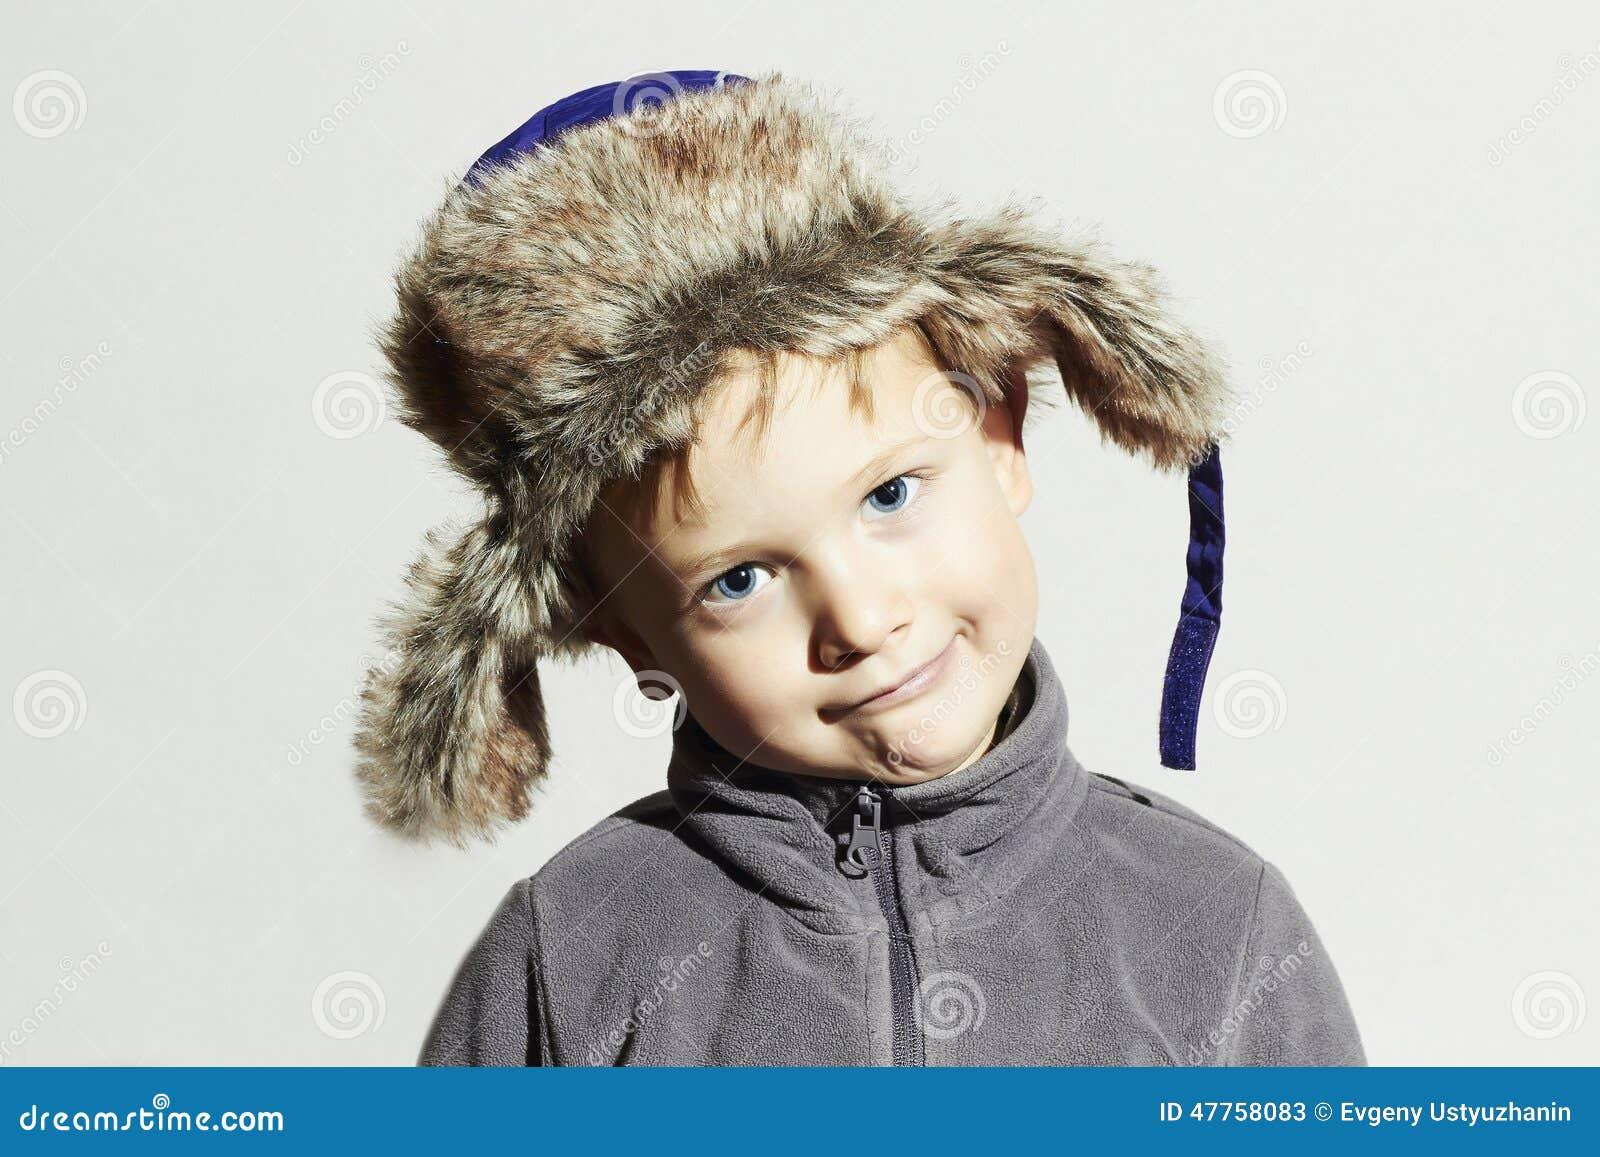 Смешные картинки для детей про зиму